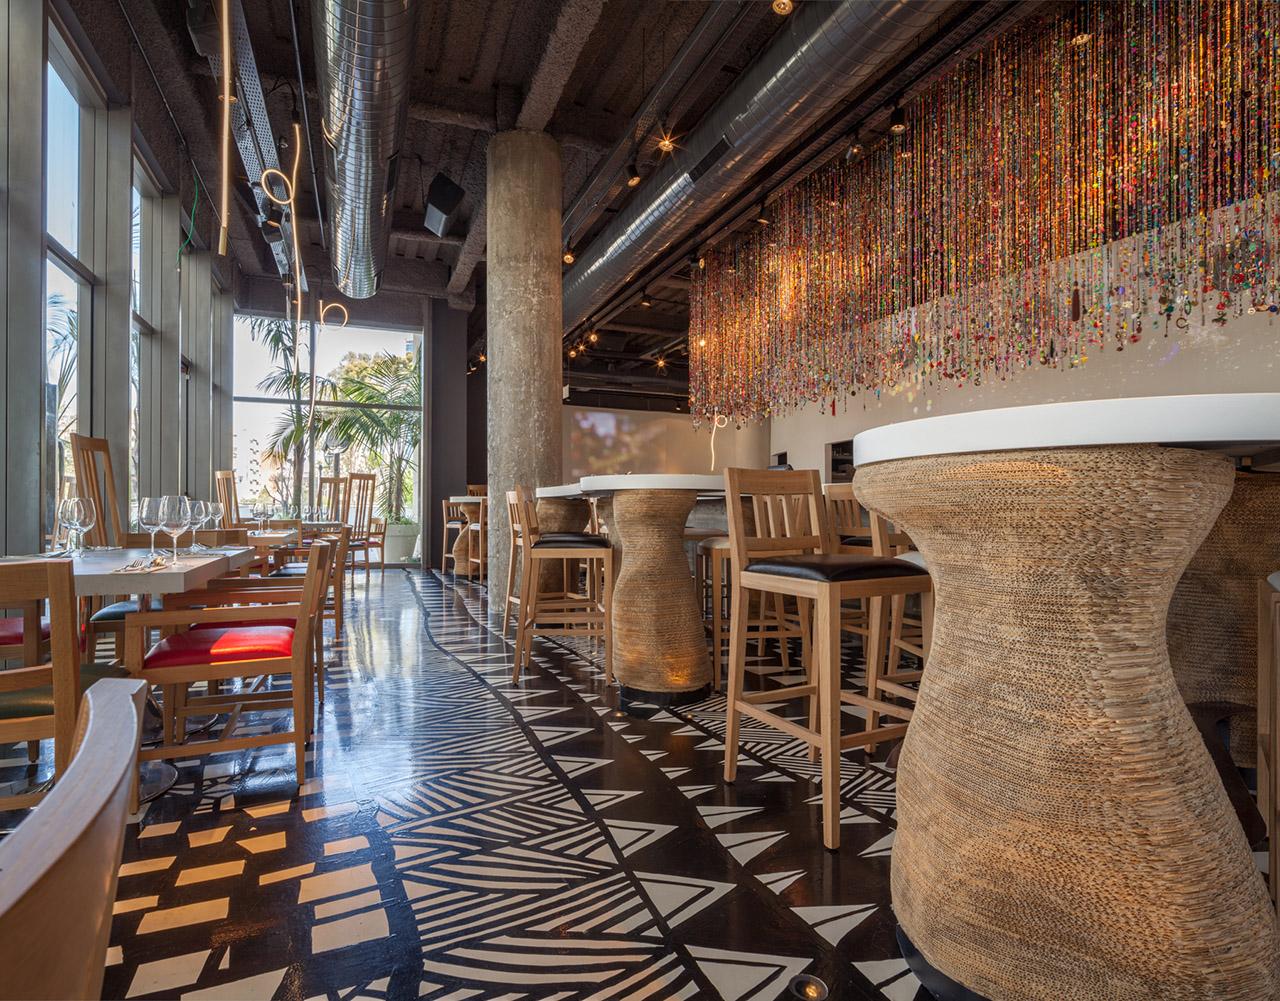 מסעדת קוואטרו, תל אביב